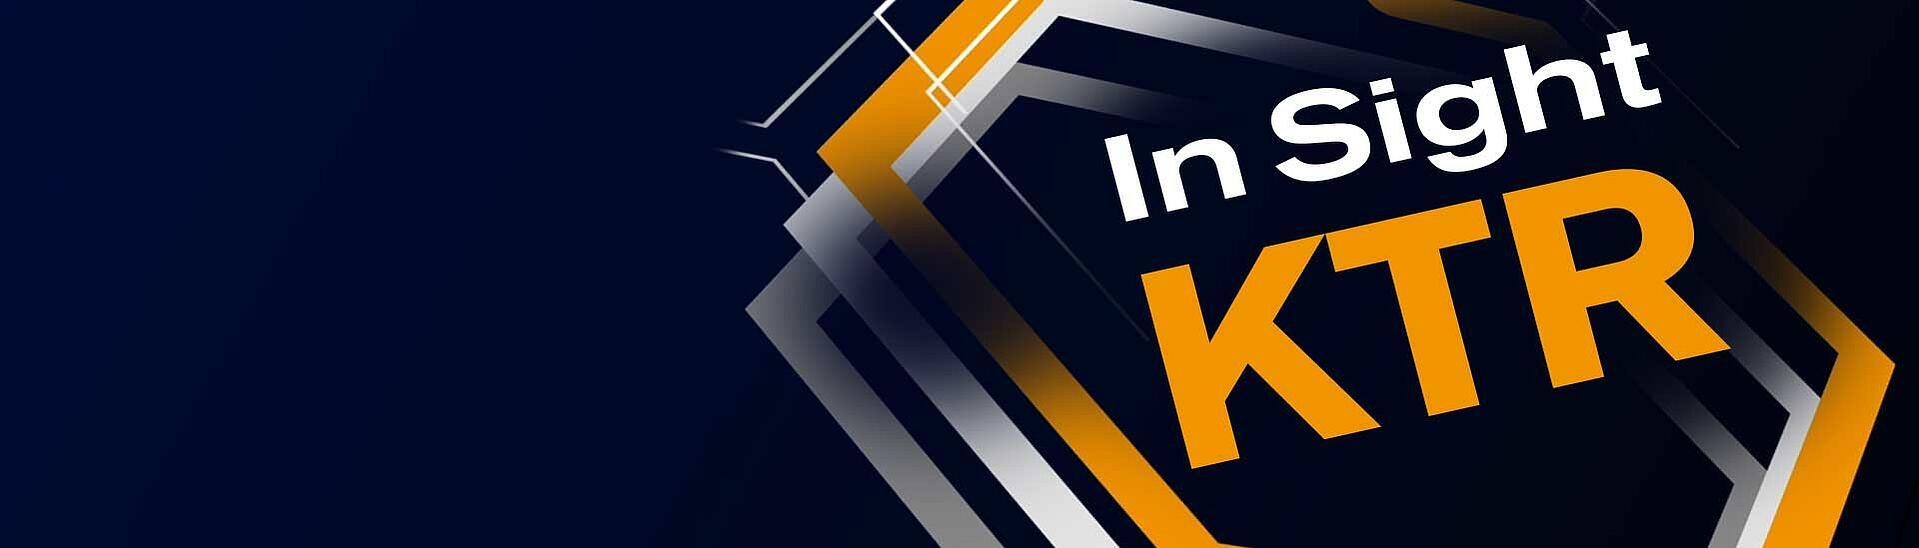 In Sight KTR - Podcast | KTR Systems